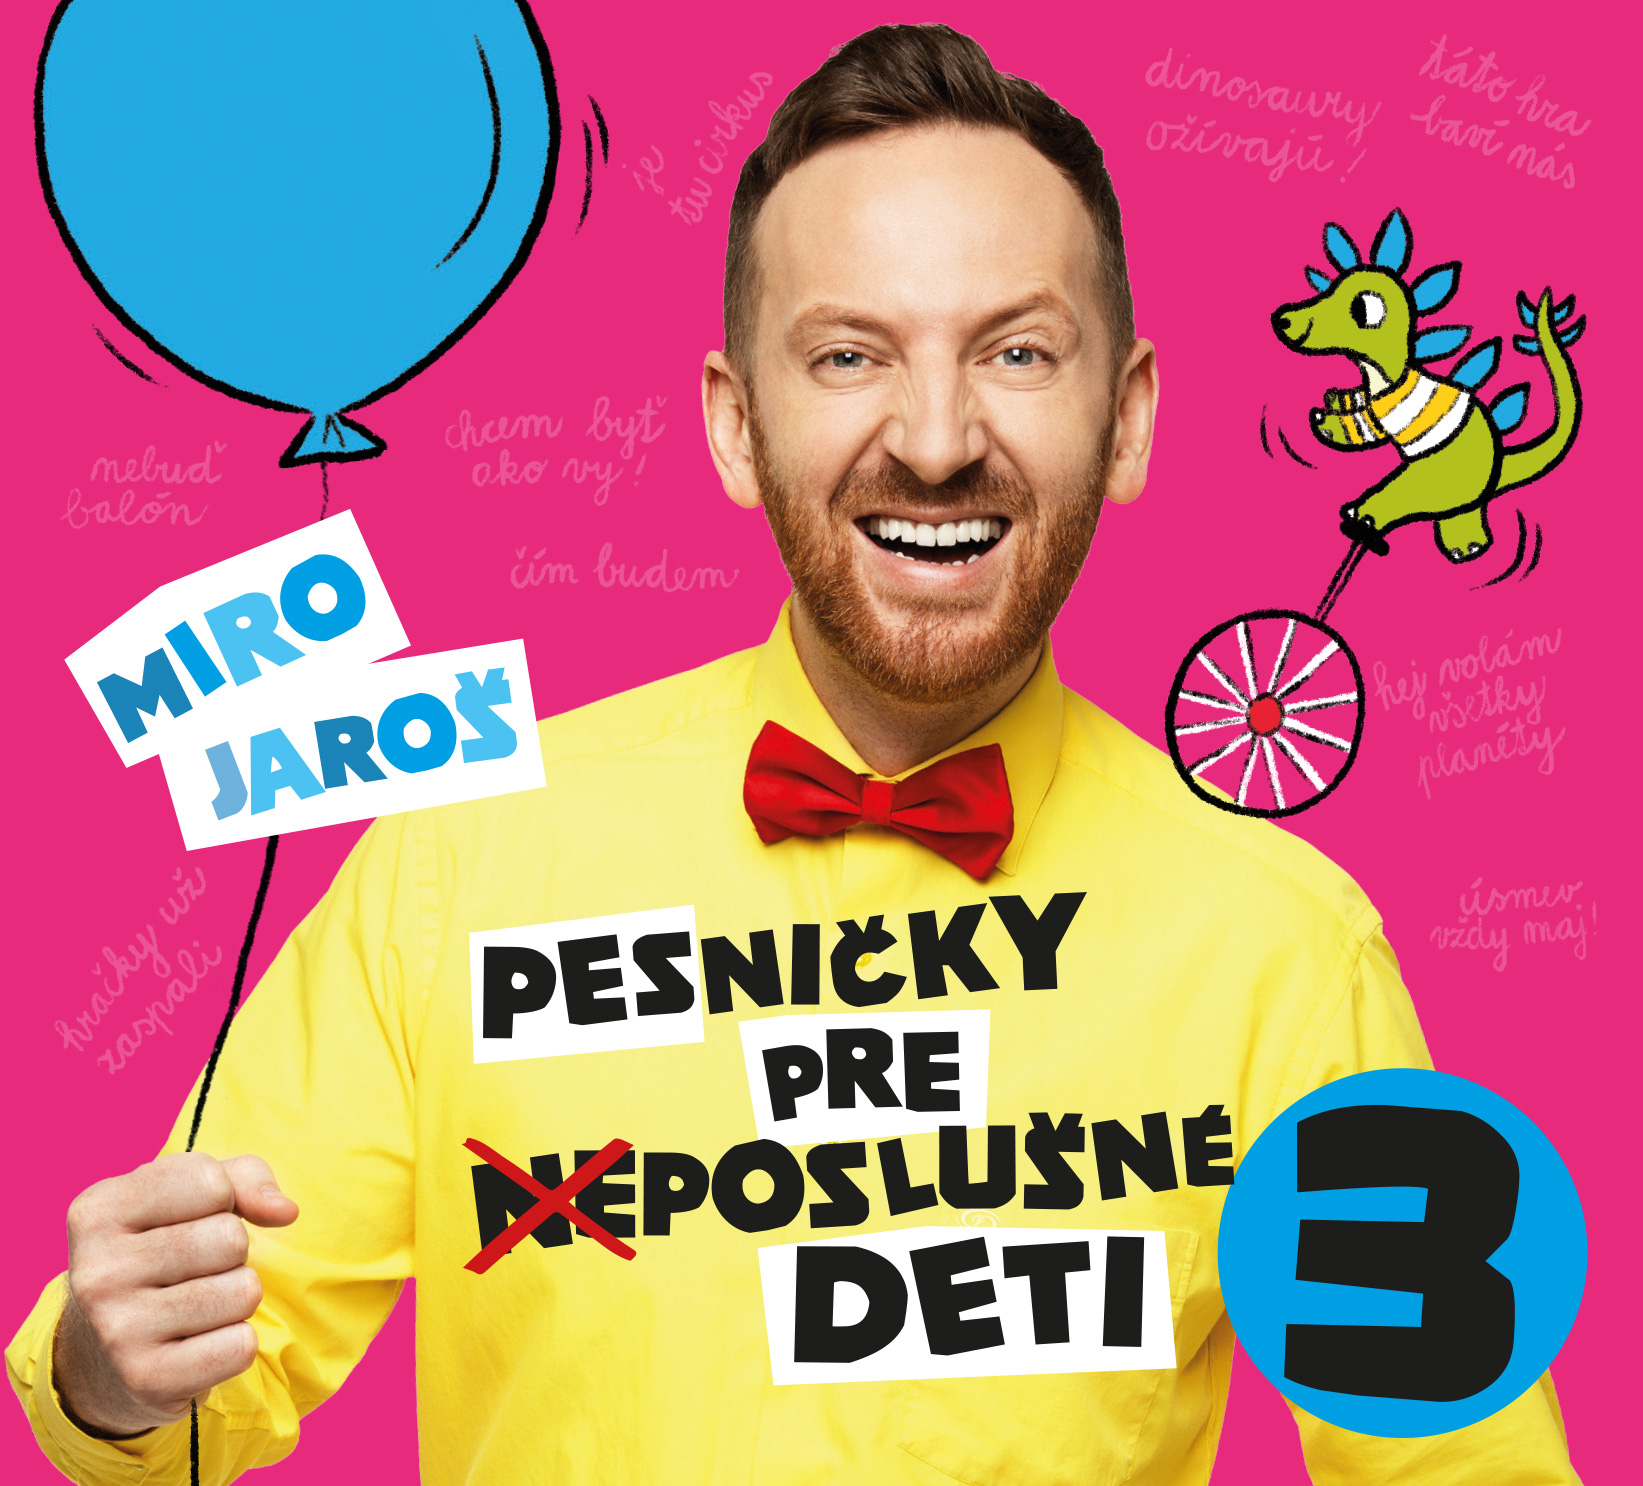 Miro Jaroš - CD Pesničky pre (ne)poslušné deti 3